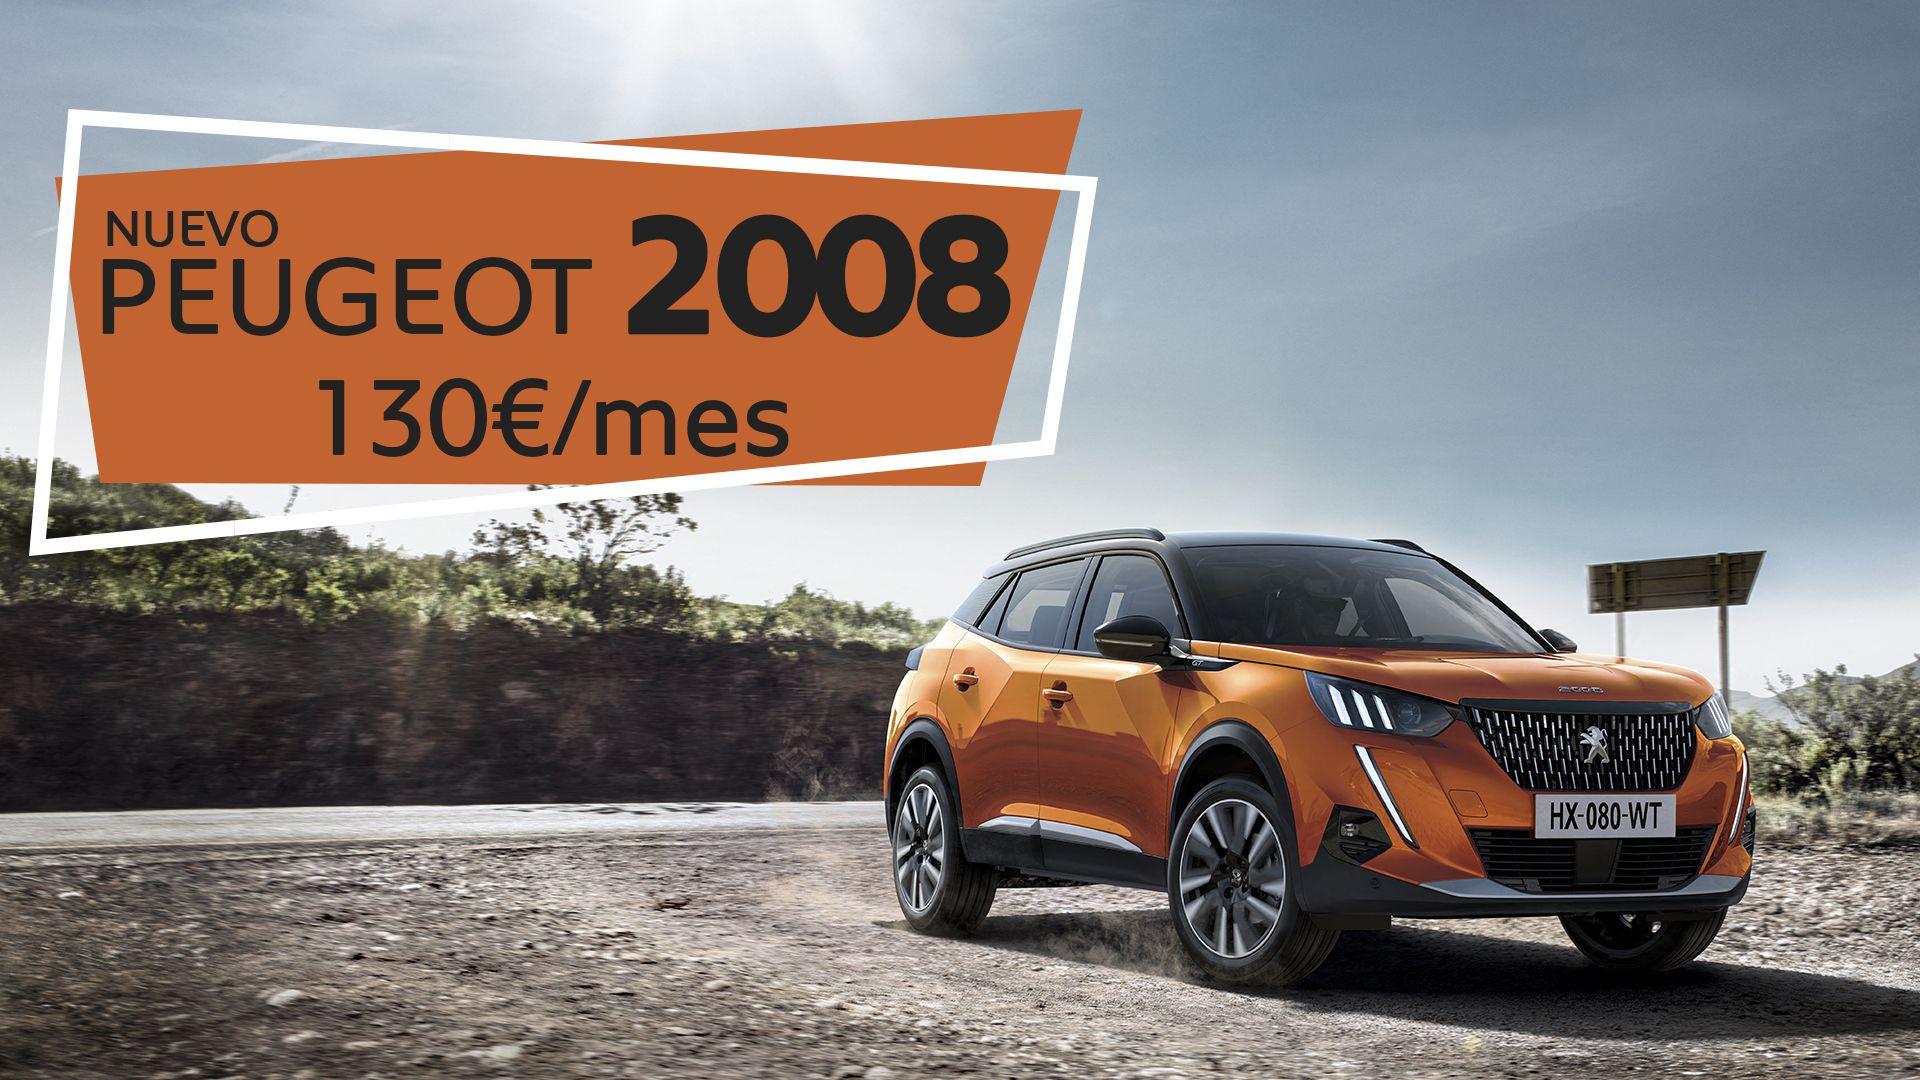 Disfruta del NUEVO Peugeot 2008 por sólo 130€/mes